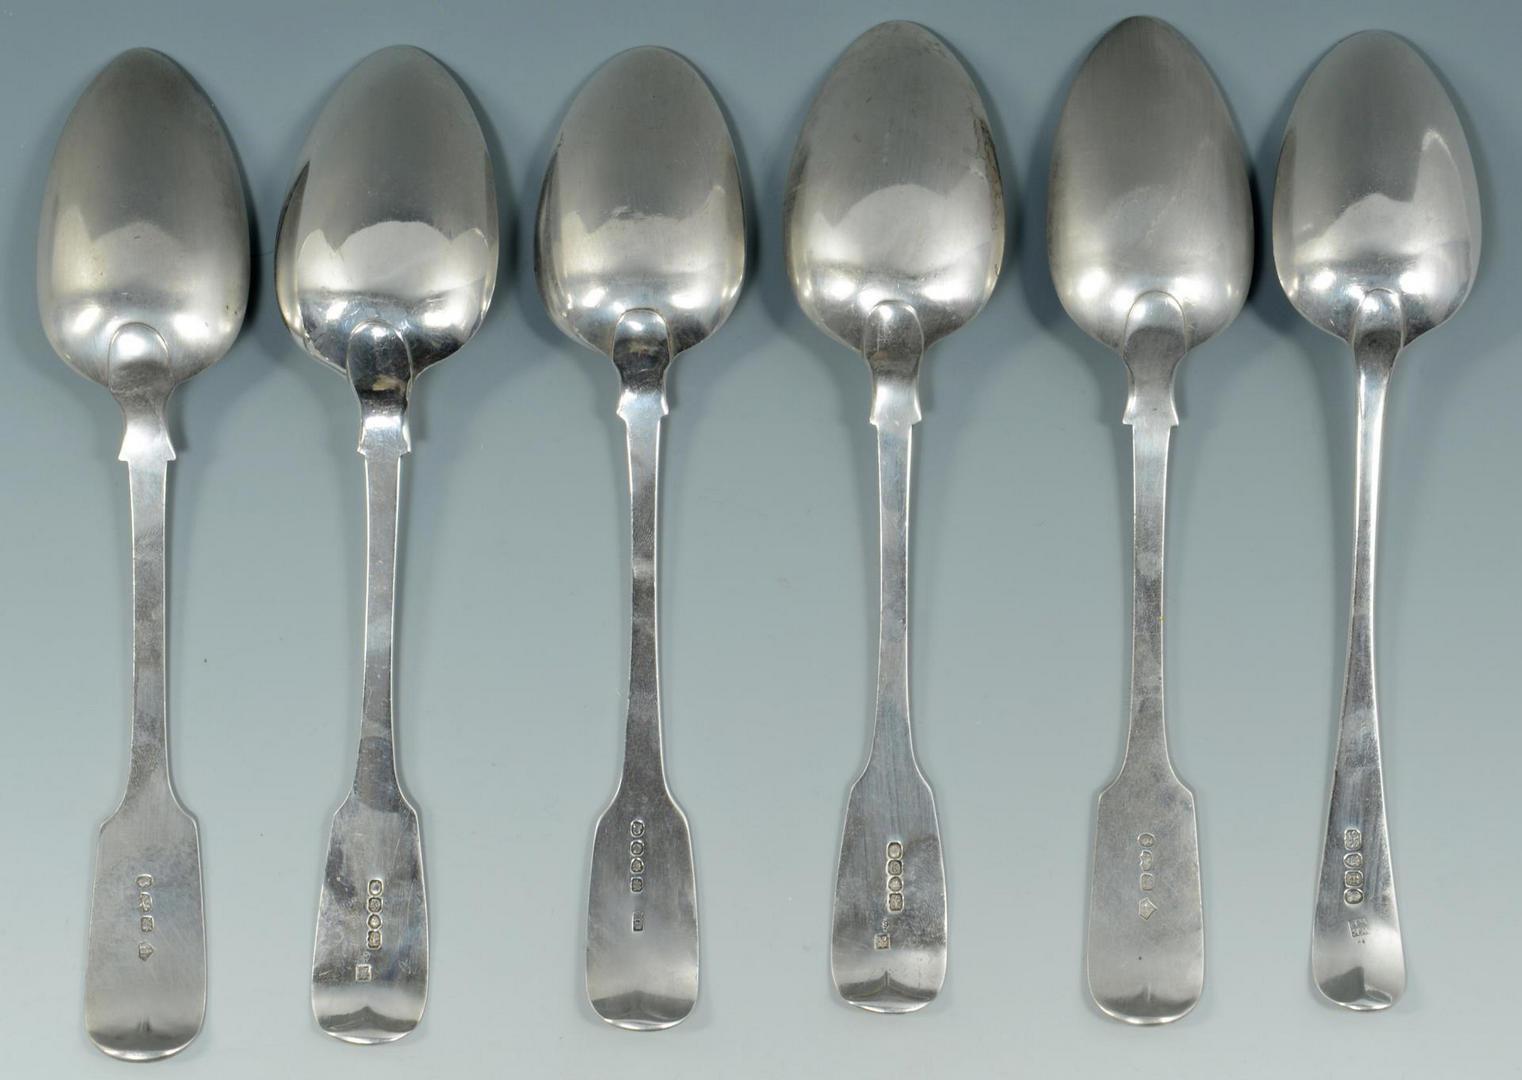 Lot 794: 10 pcs. World Silver